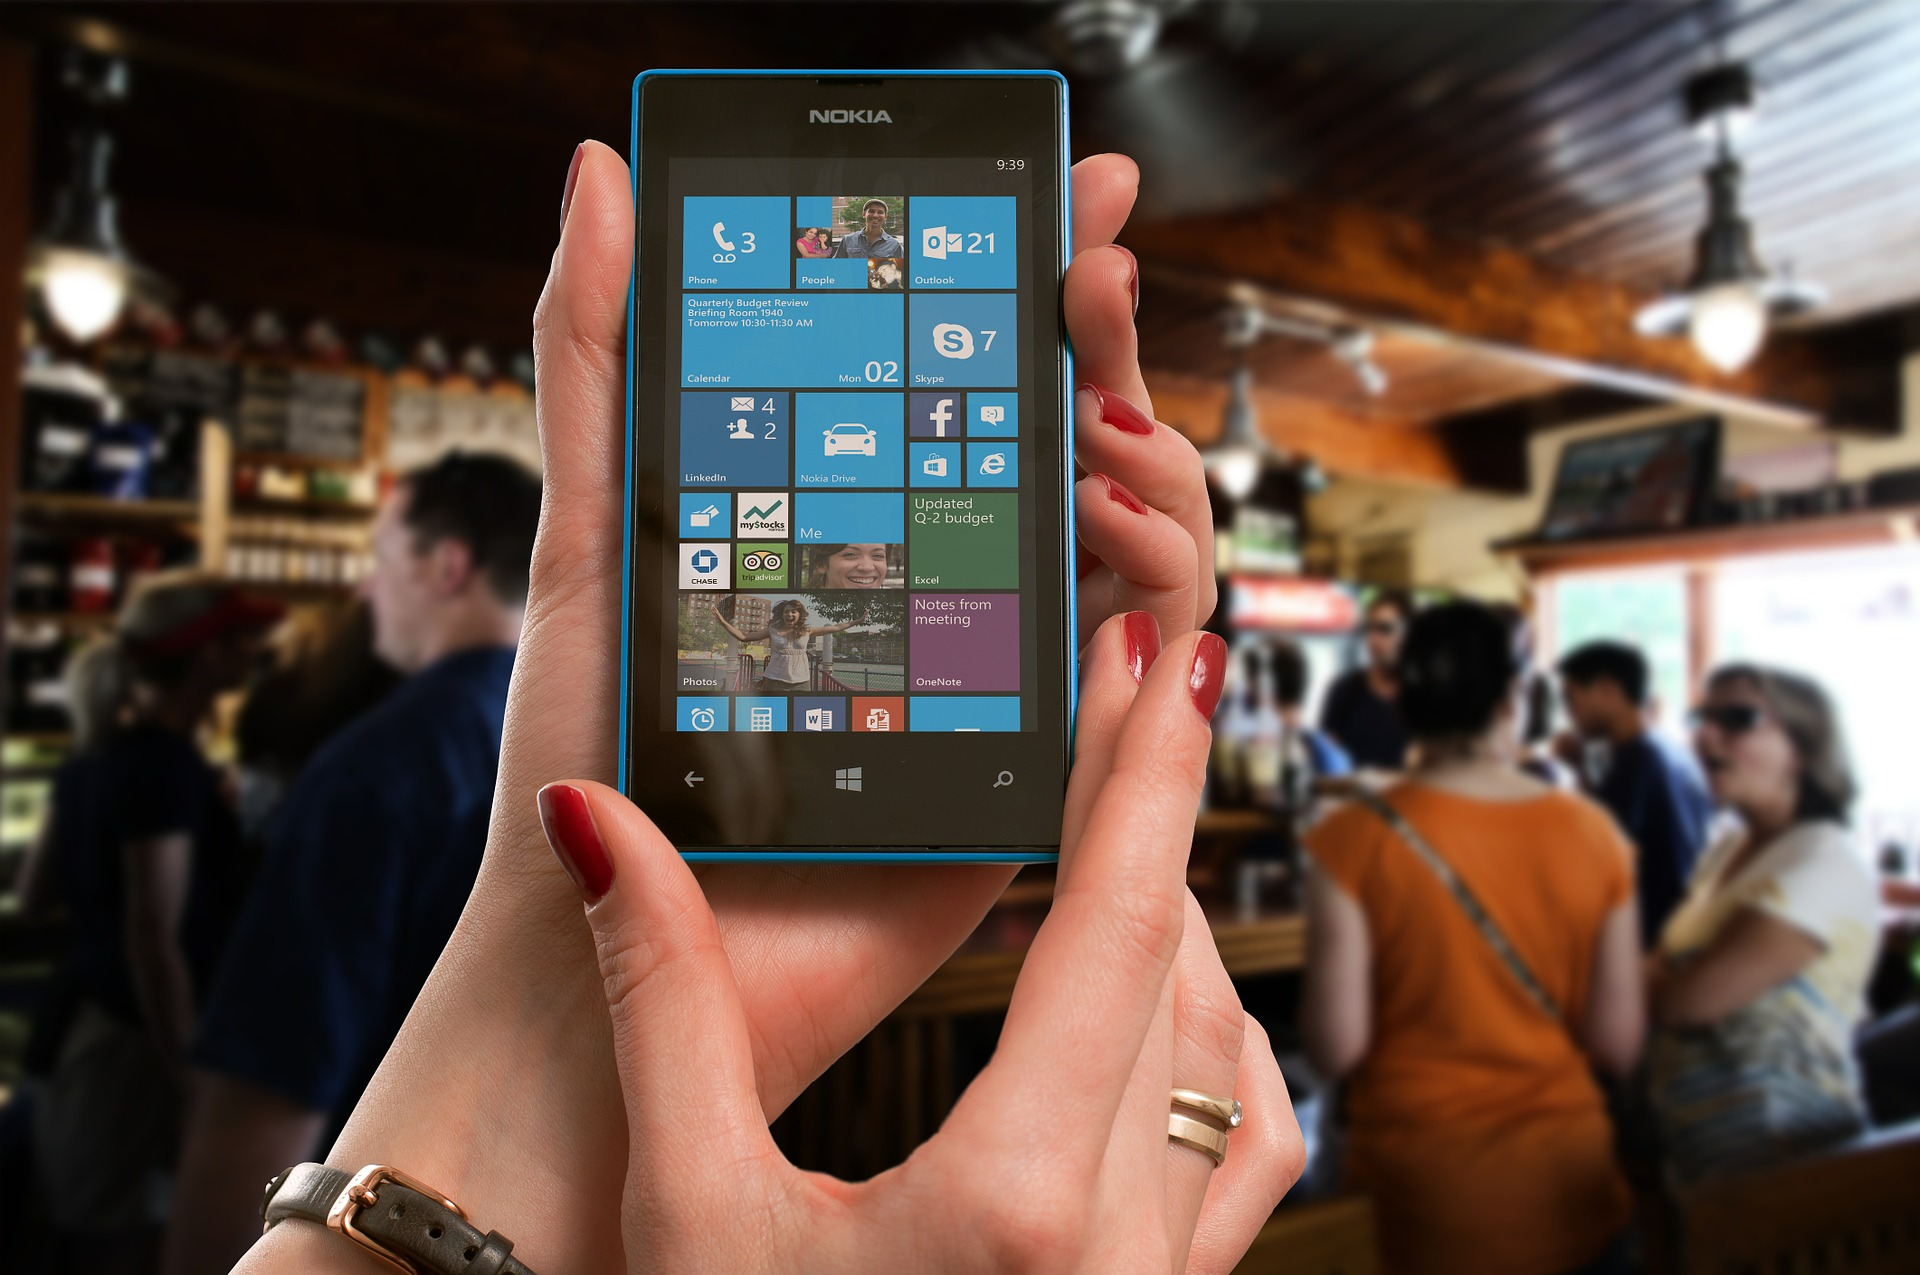 Situation du groupe Nokia en France : les engagements renouvelés doivent être respectés à la lettre